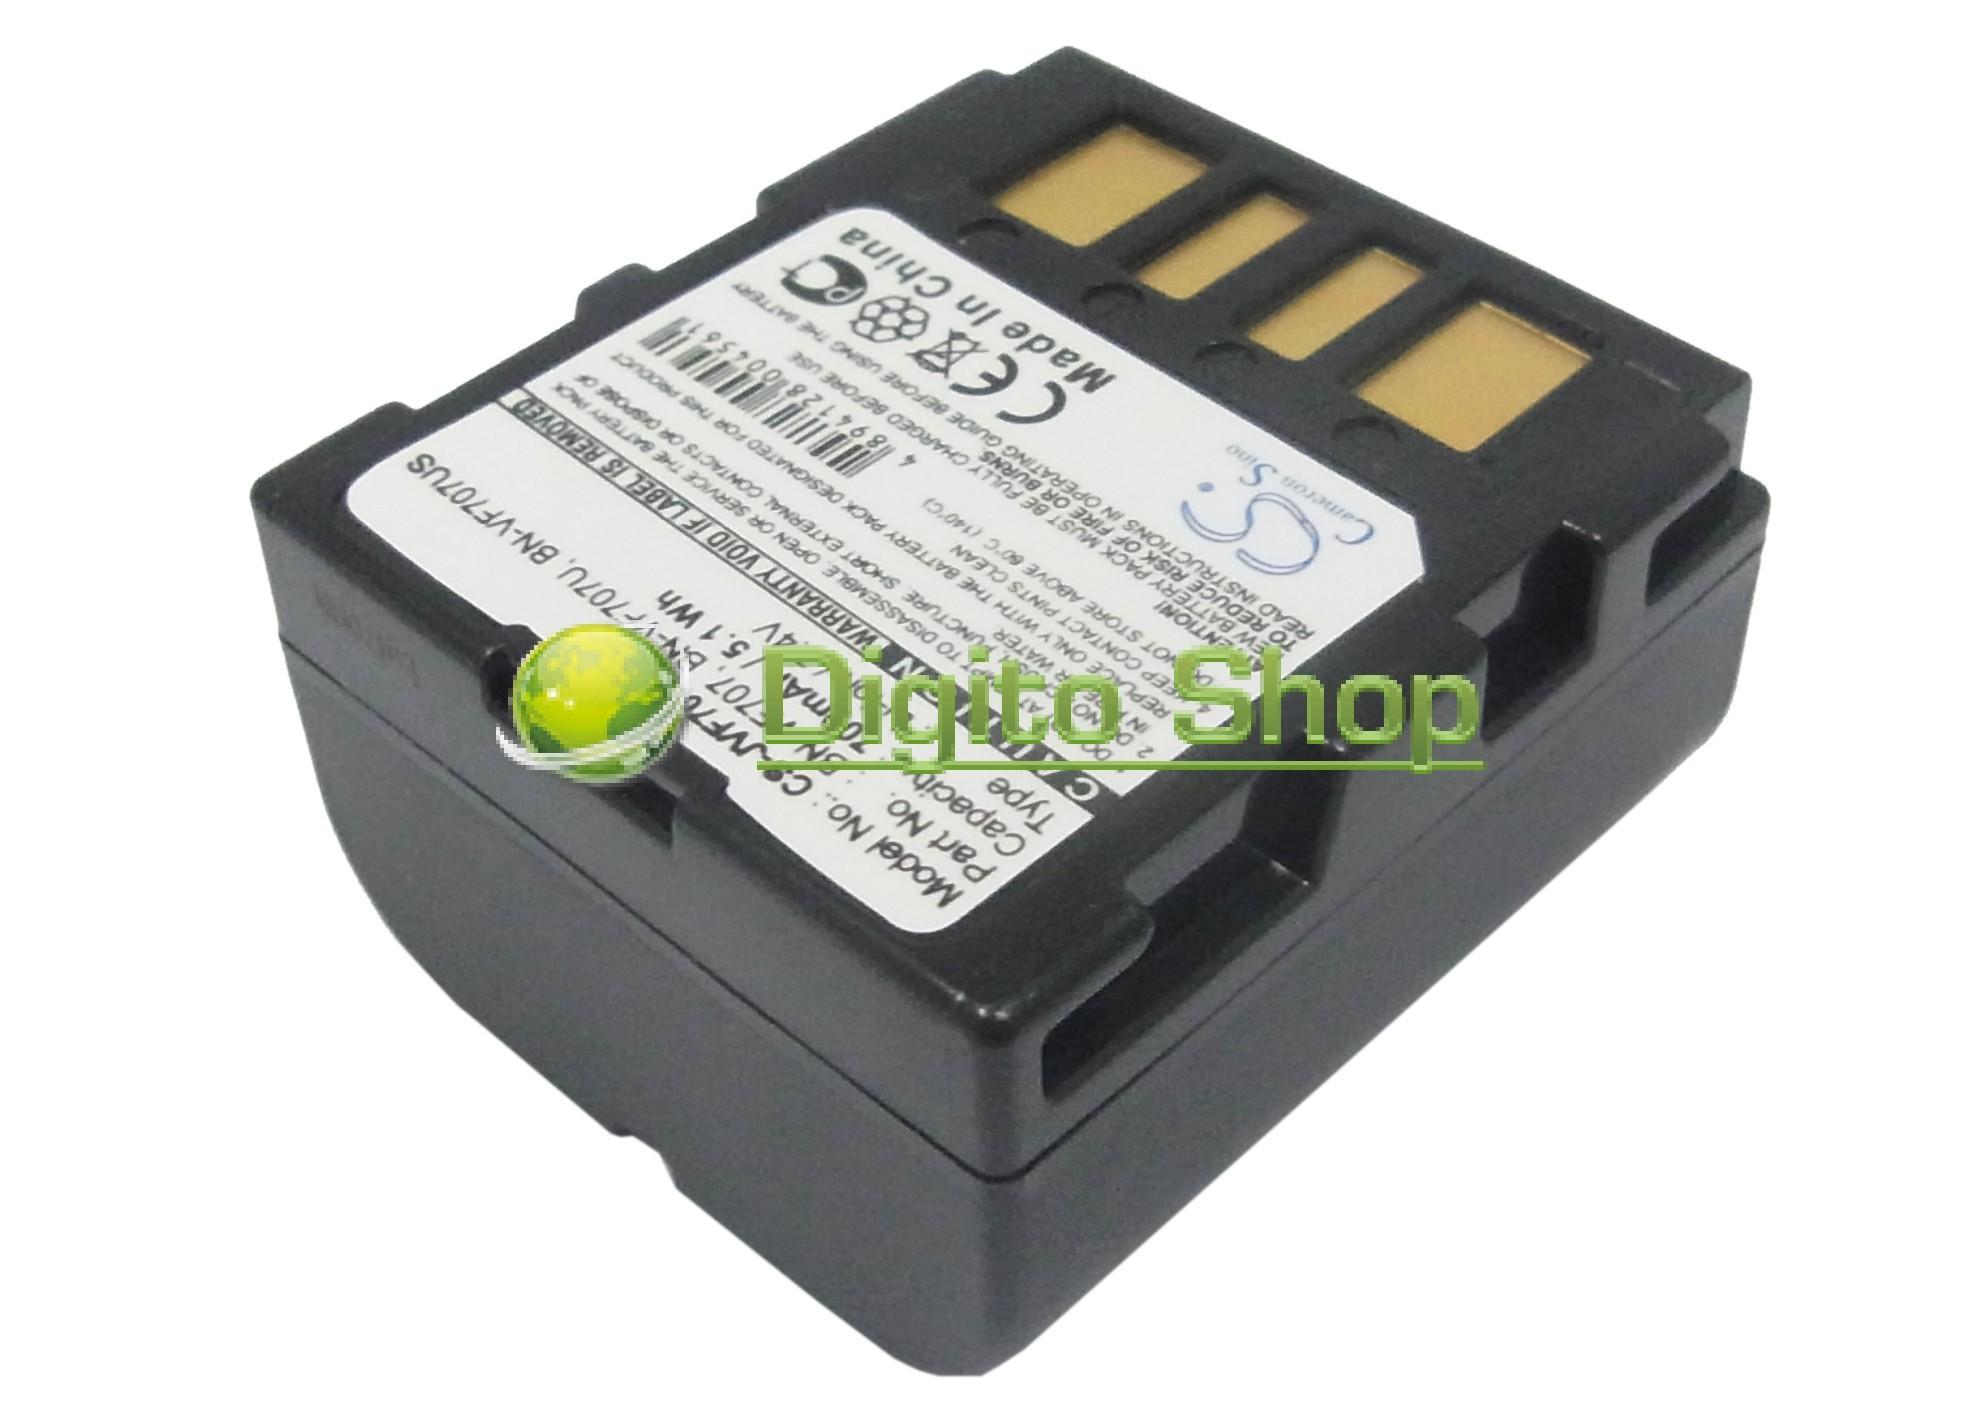 CARGADOR JVC gz-mg77e gz-mg505 gz-mg505e Batería